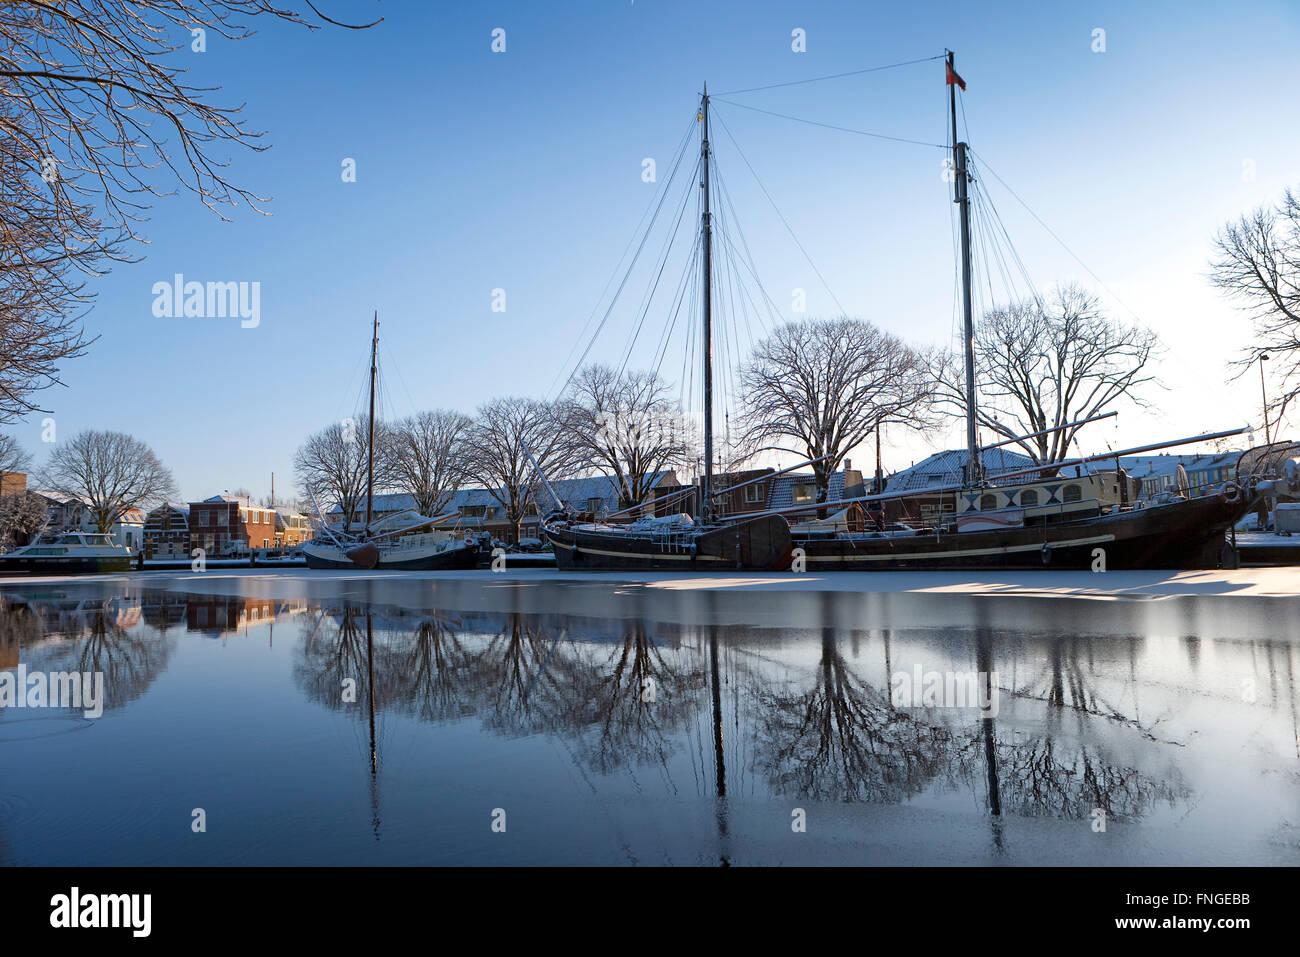 Classica olandese di navi nel canale di Leiden in inverno Immagini Stock